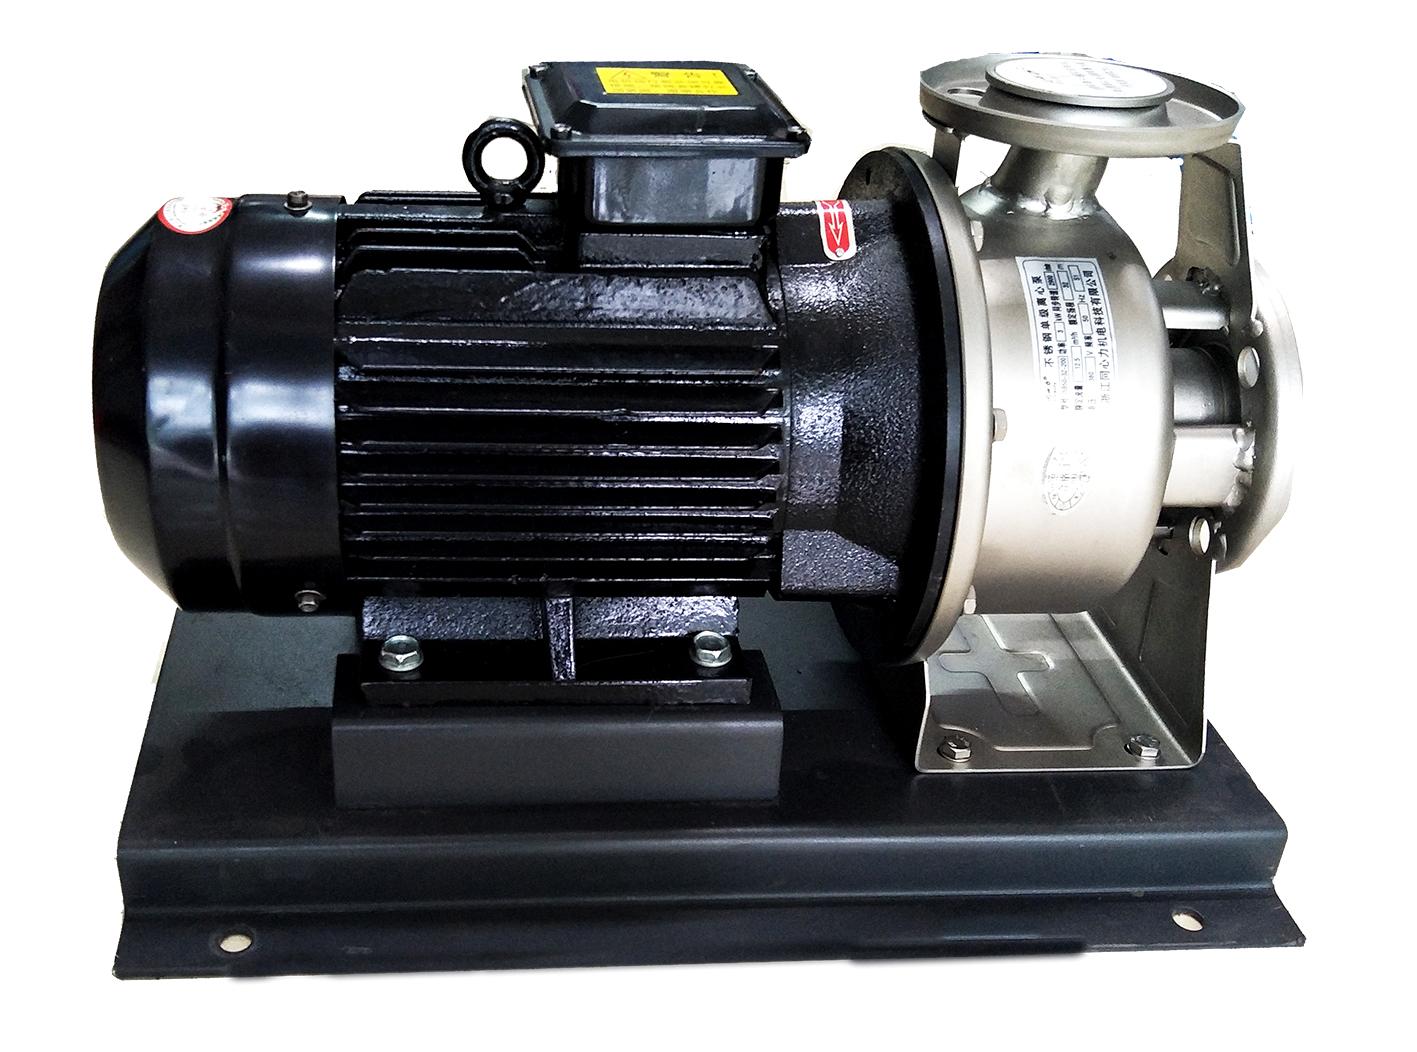 不锈钢离心泵分别有多少中保护线呢其何作用有哪些呢?